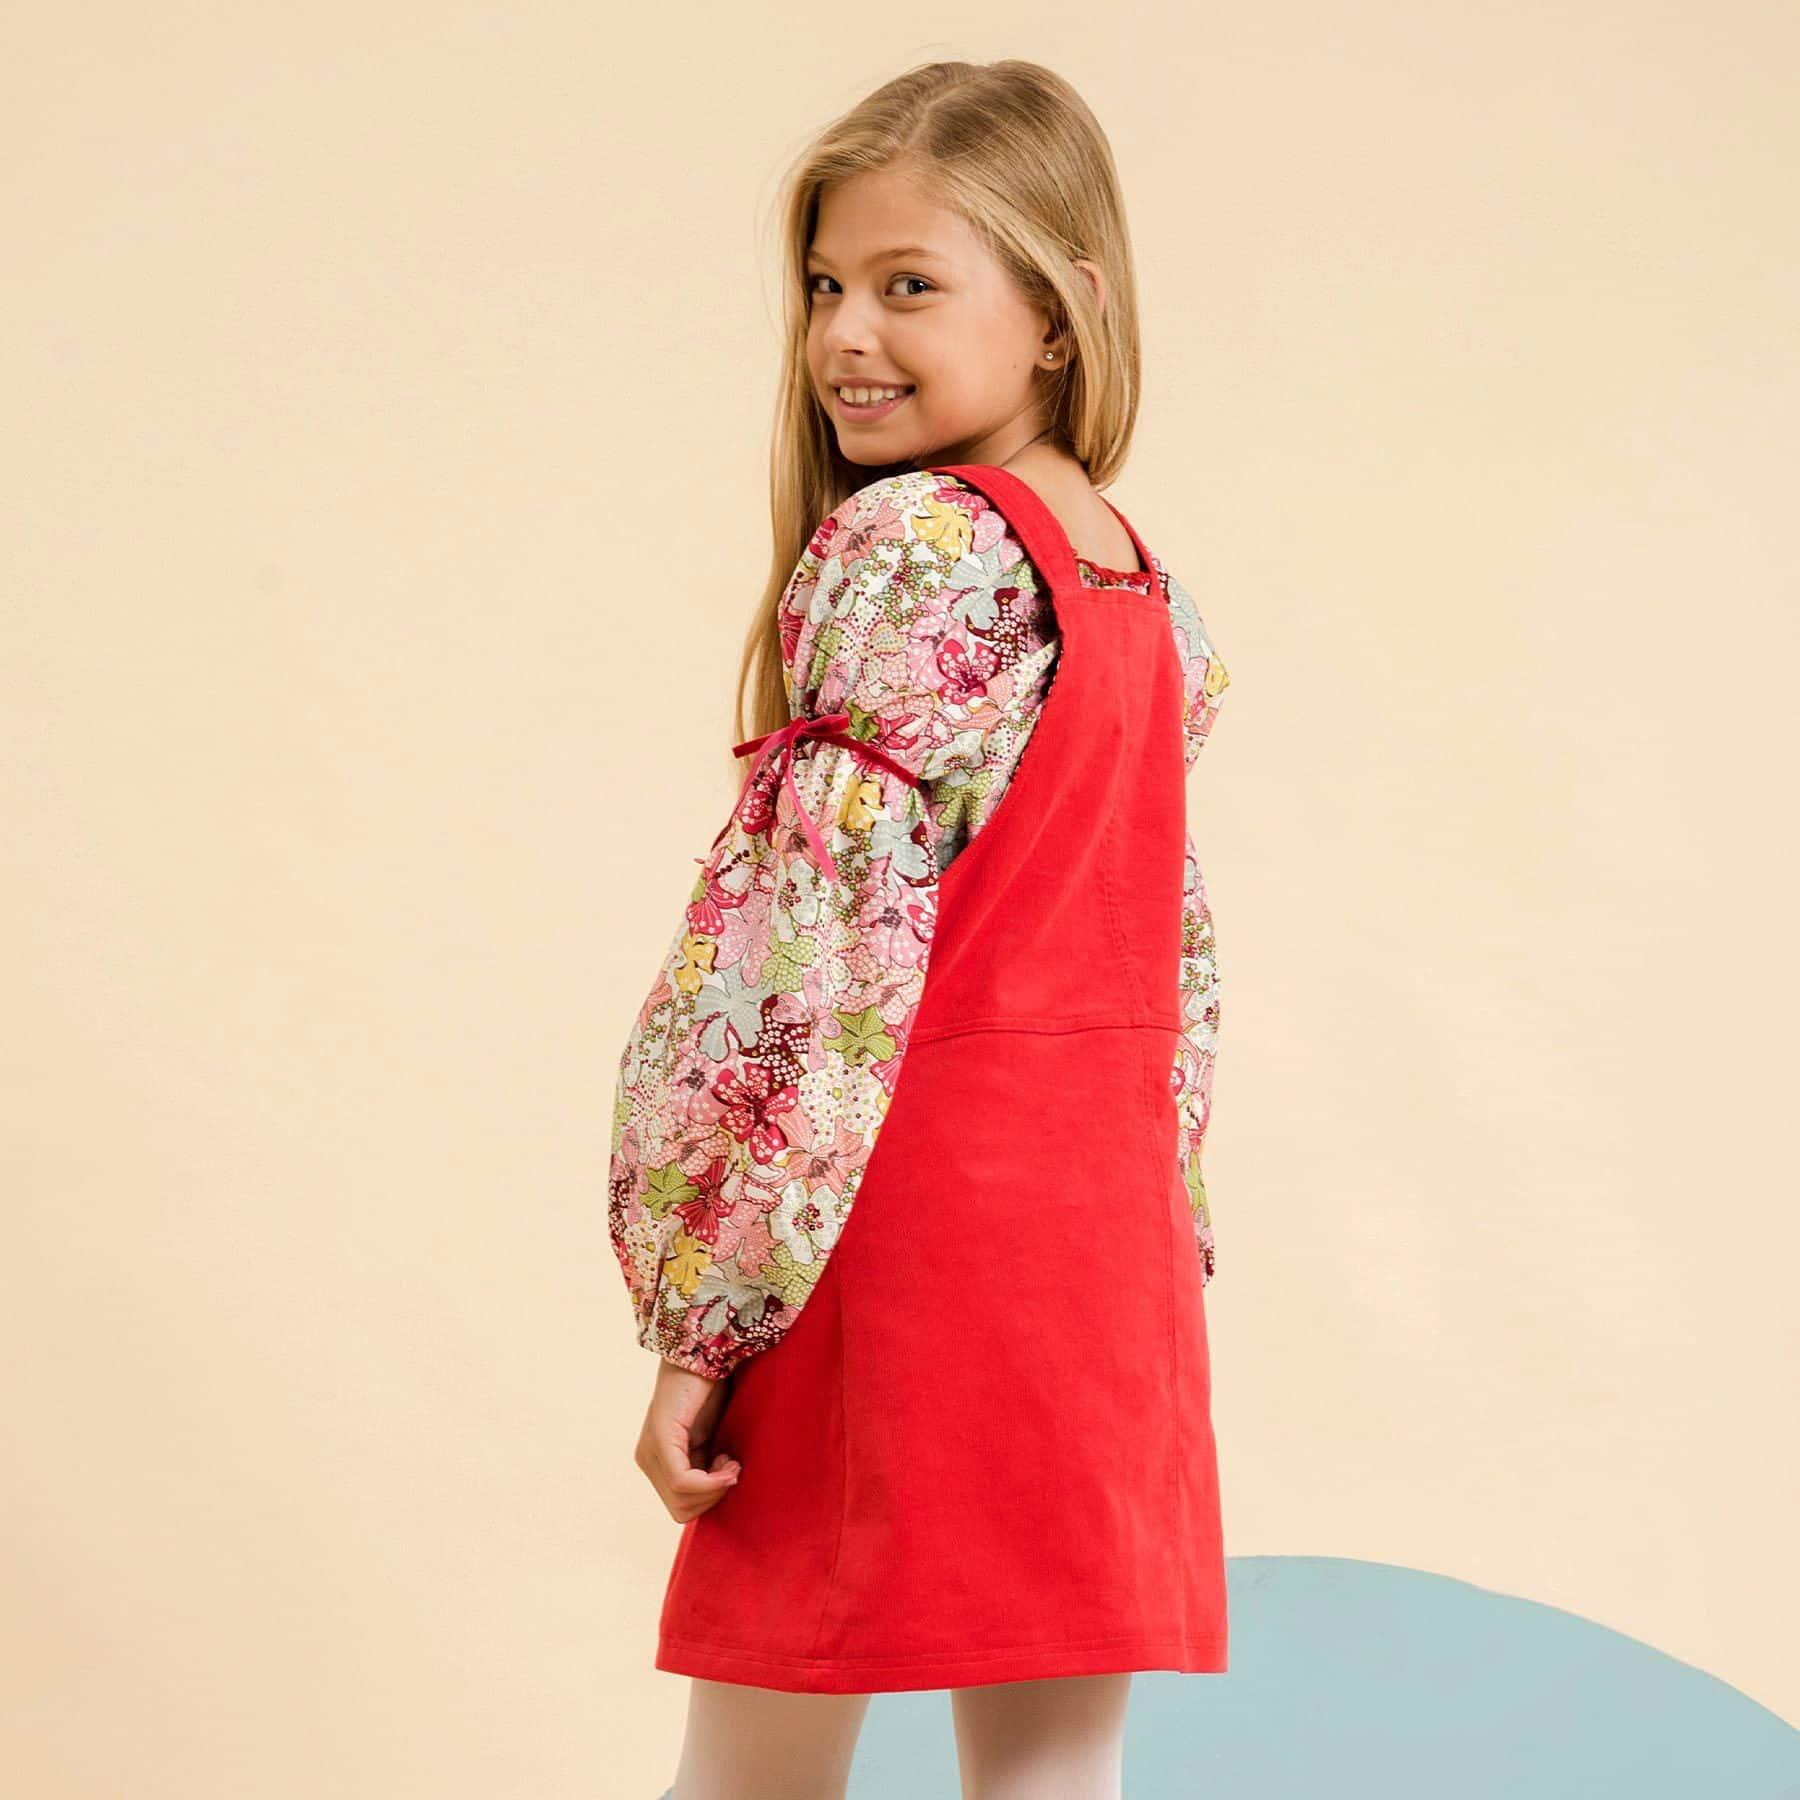 Blouse fille fleurs liberty rouge avec col smocks et manches ballons